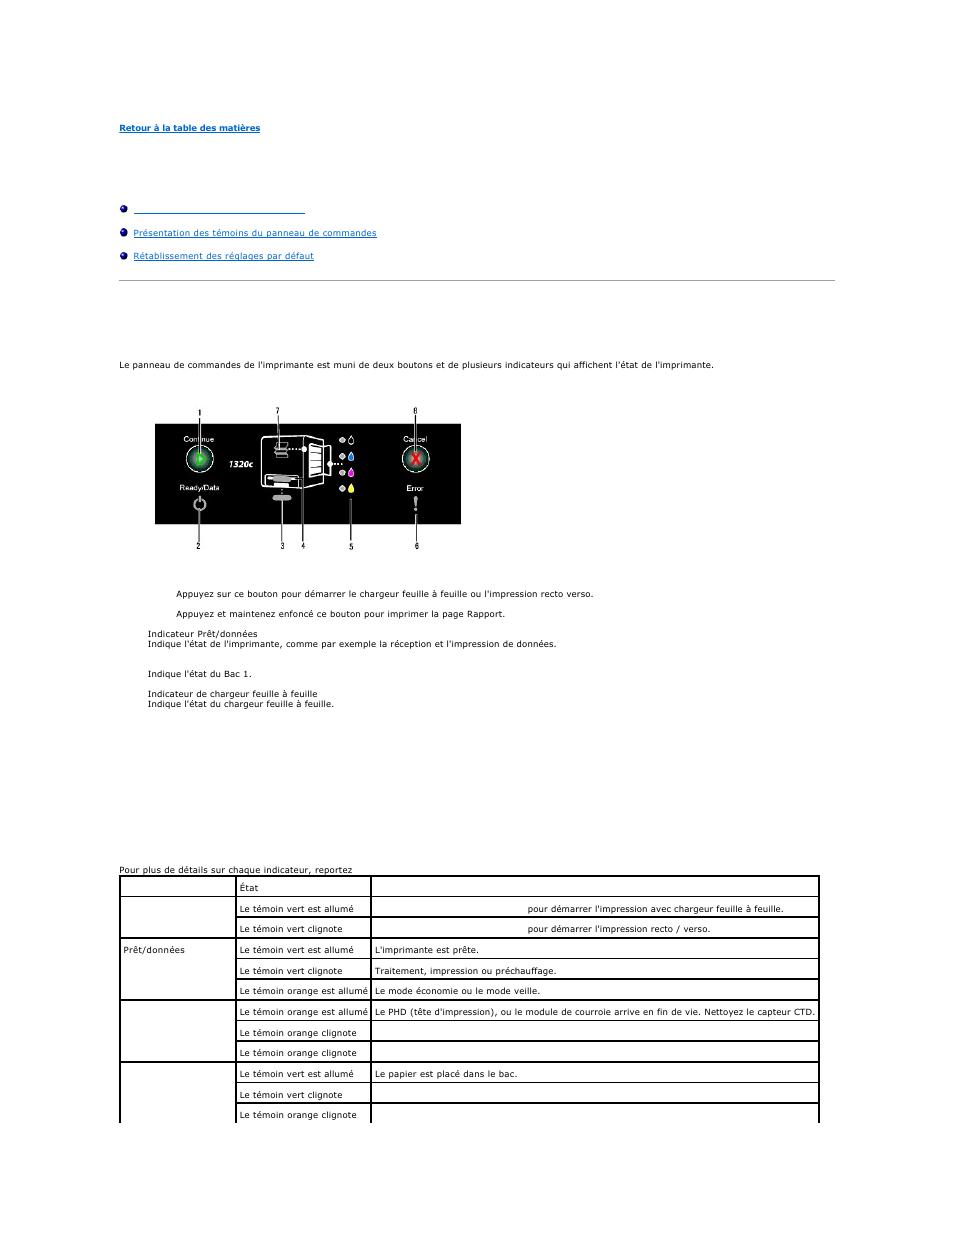 Panneau de commande, Utilisation du panneau de commandes